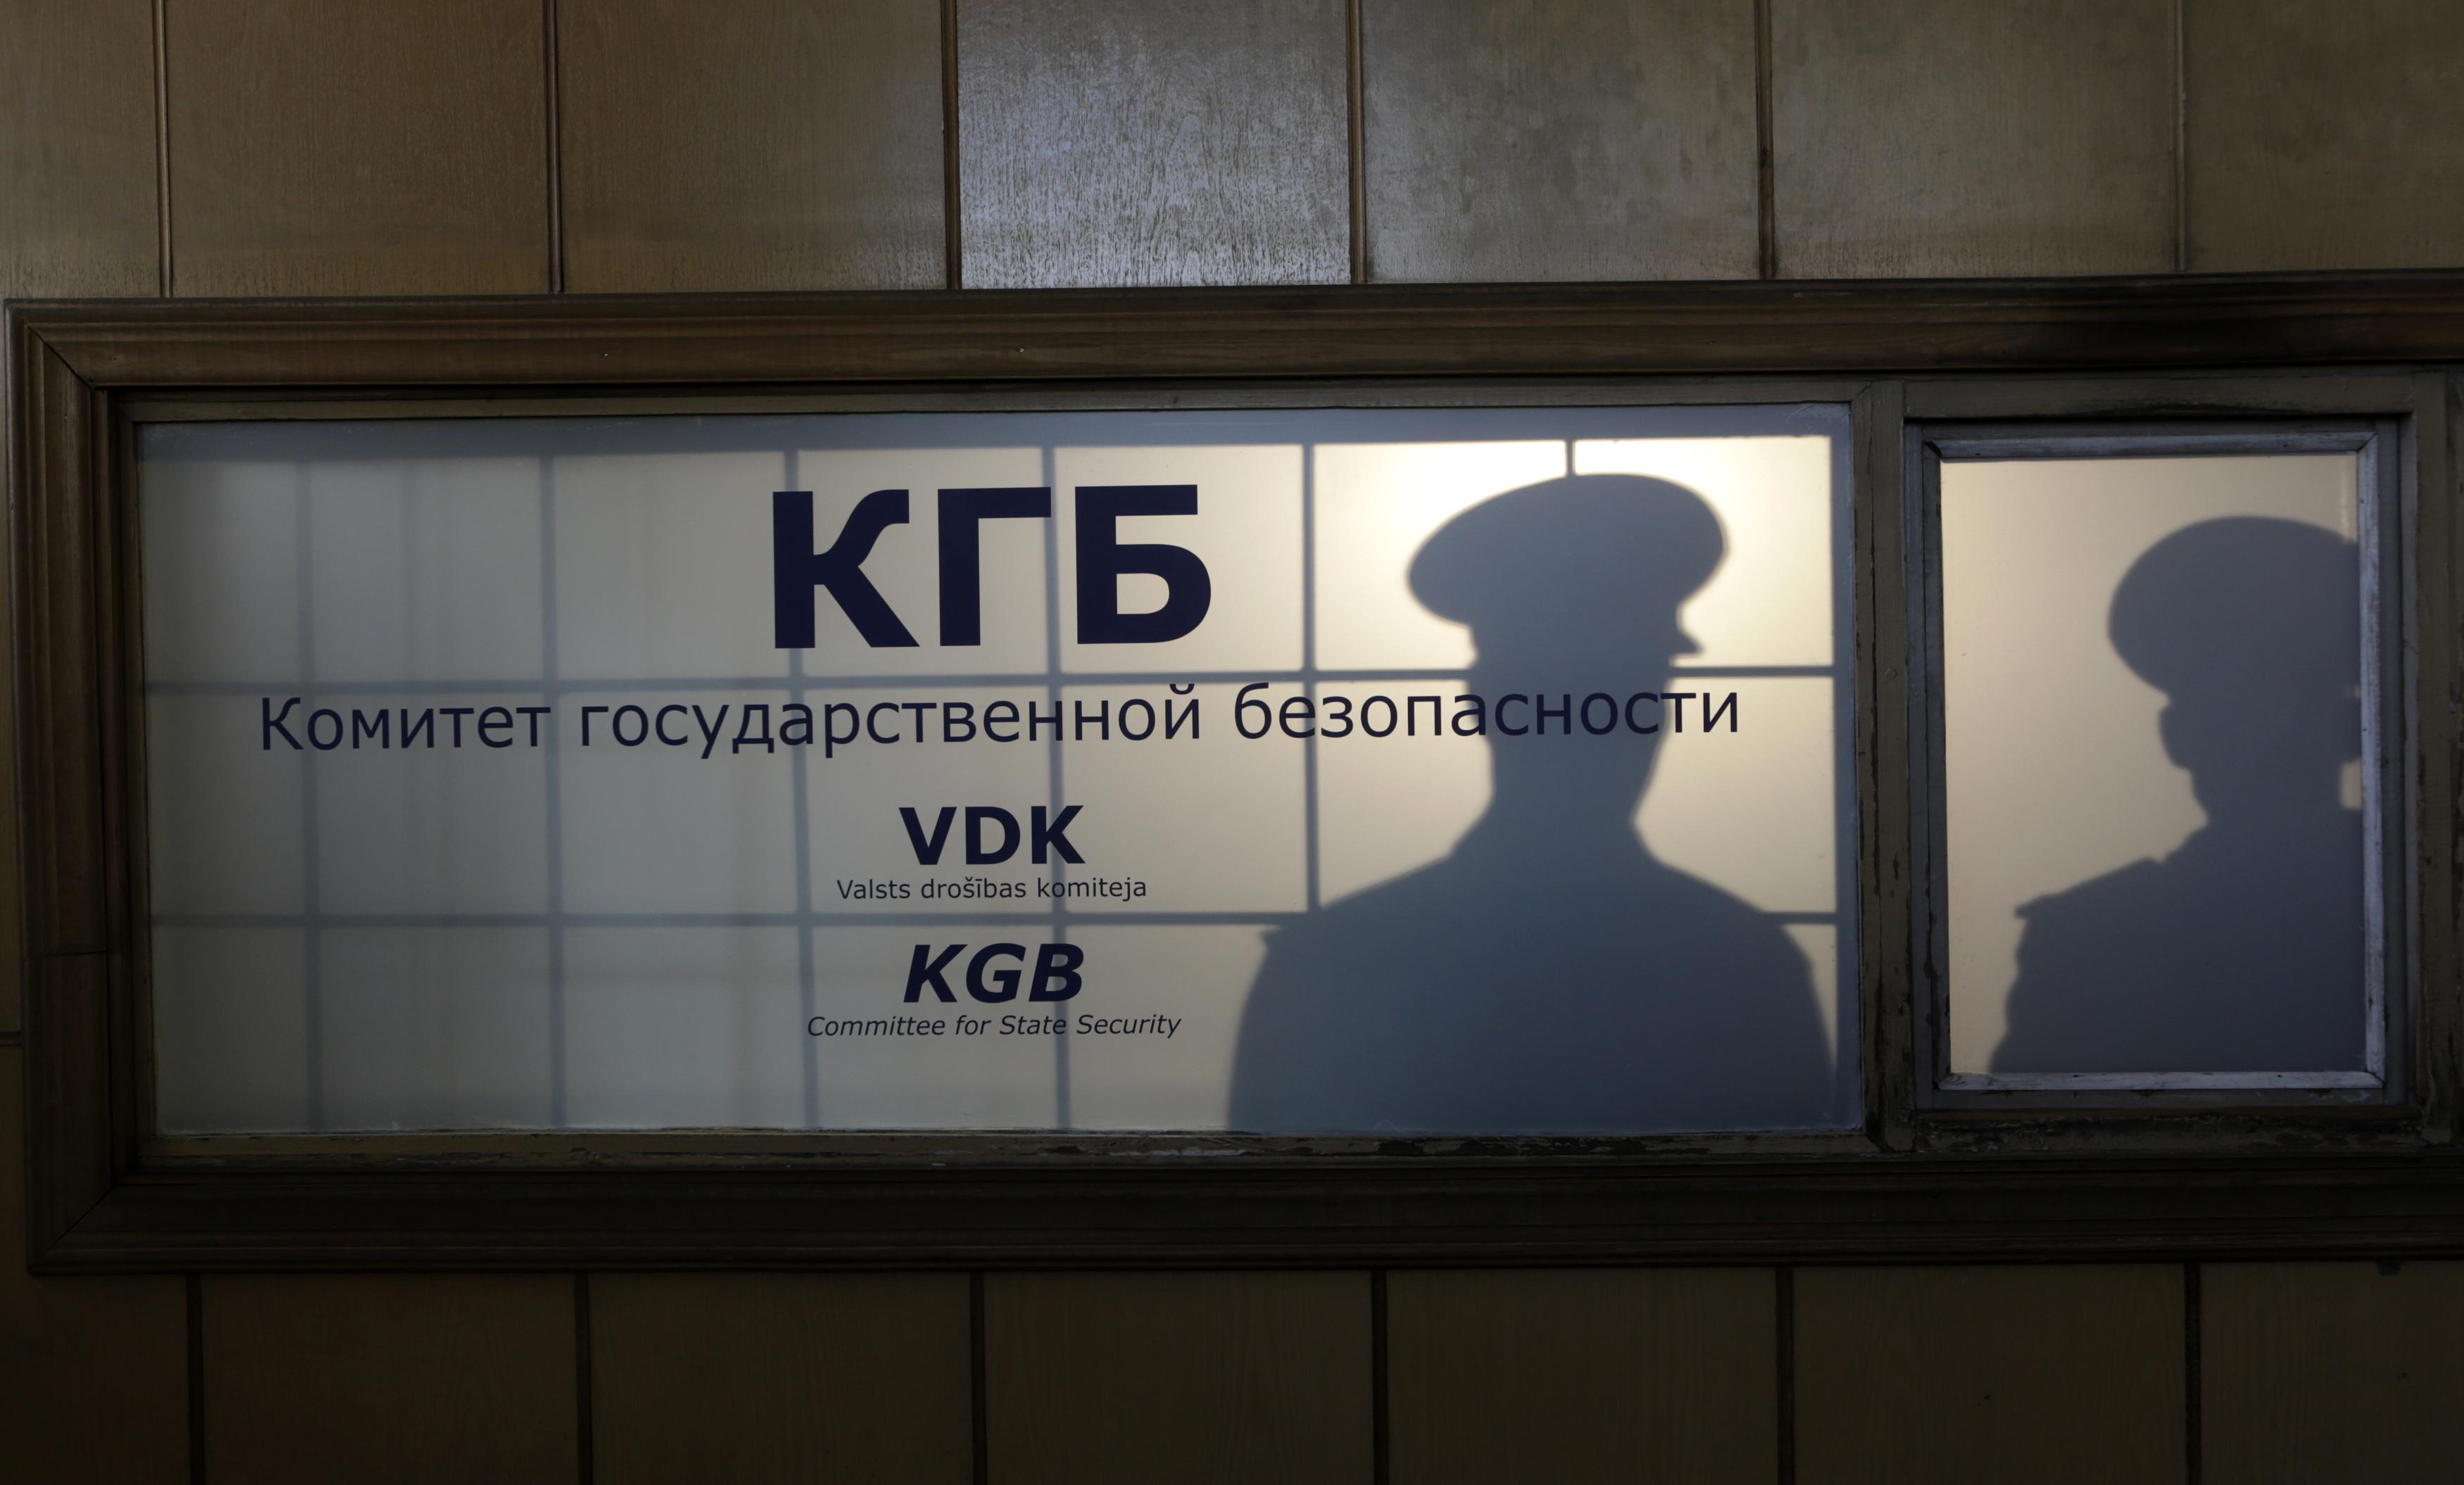 У 2018 годзе Нацыянальны архіў Латвіі адкрыў доступ да засакрэчаных дакумэнтаў КГБ савецкага часу. Высьветлілася, што вядомы сучасны дзеяч быў агентам. Хто гэта?